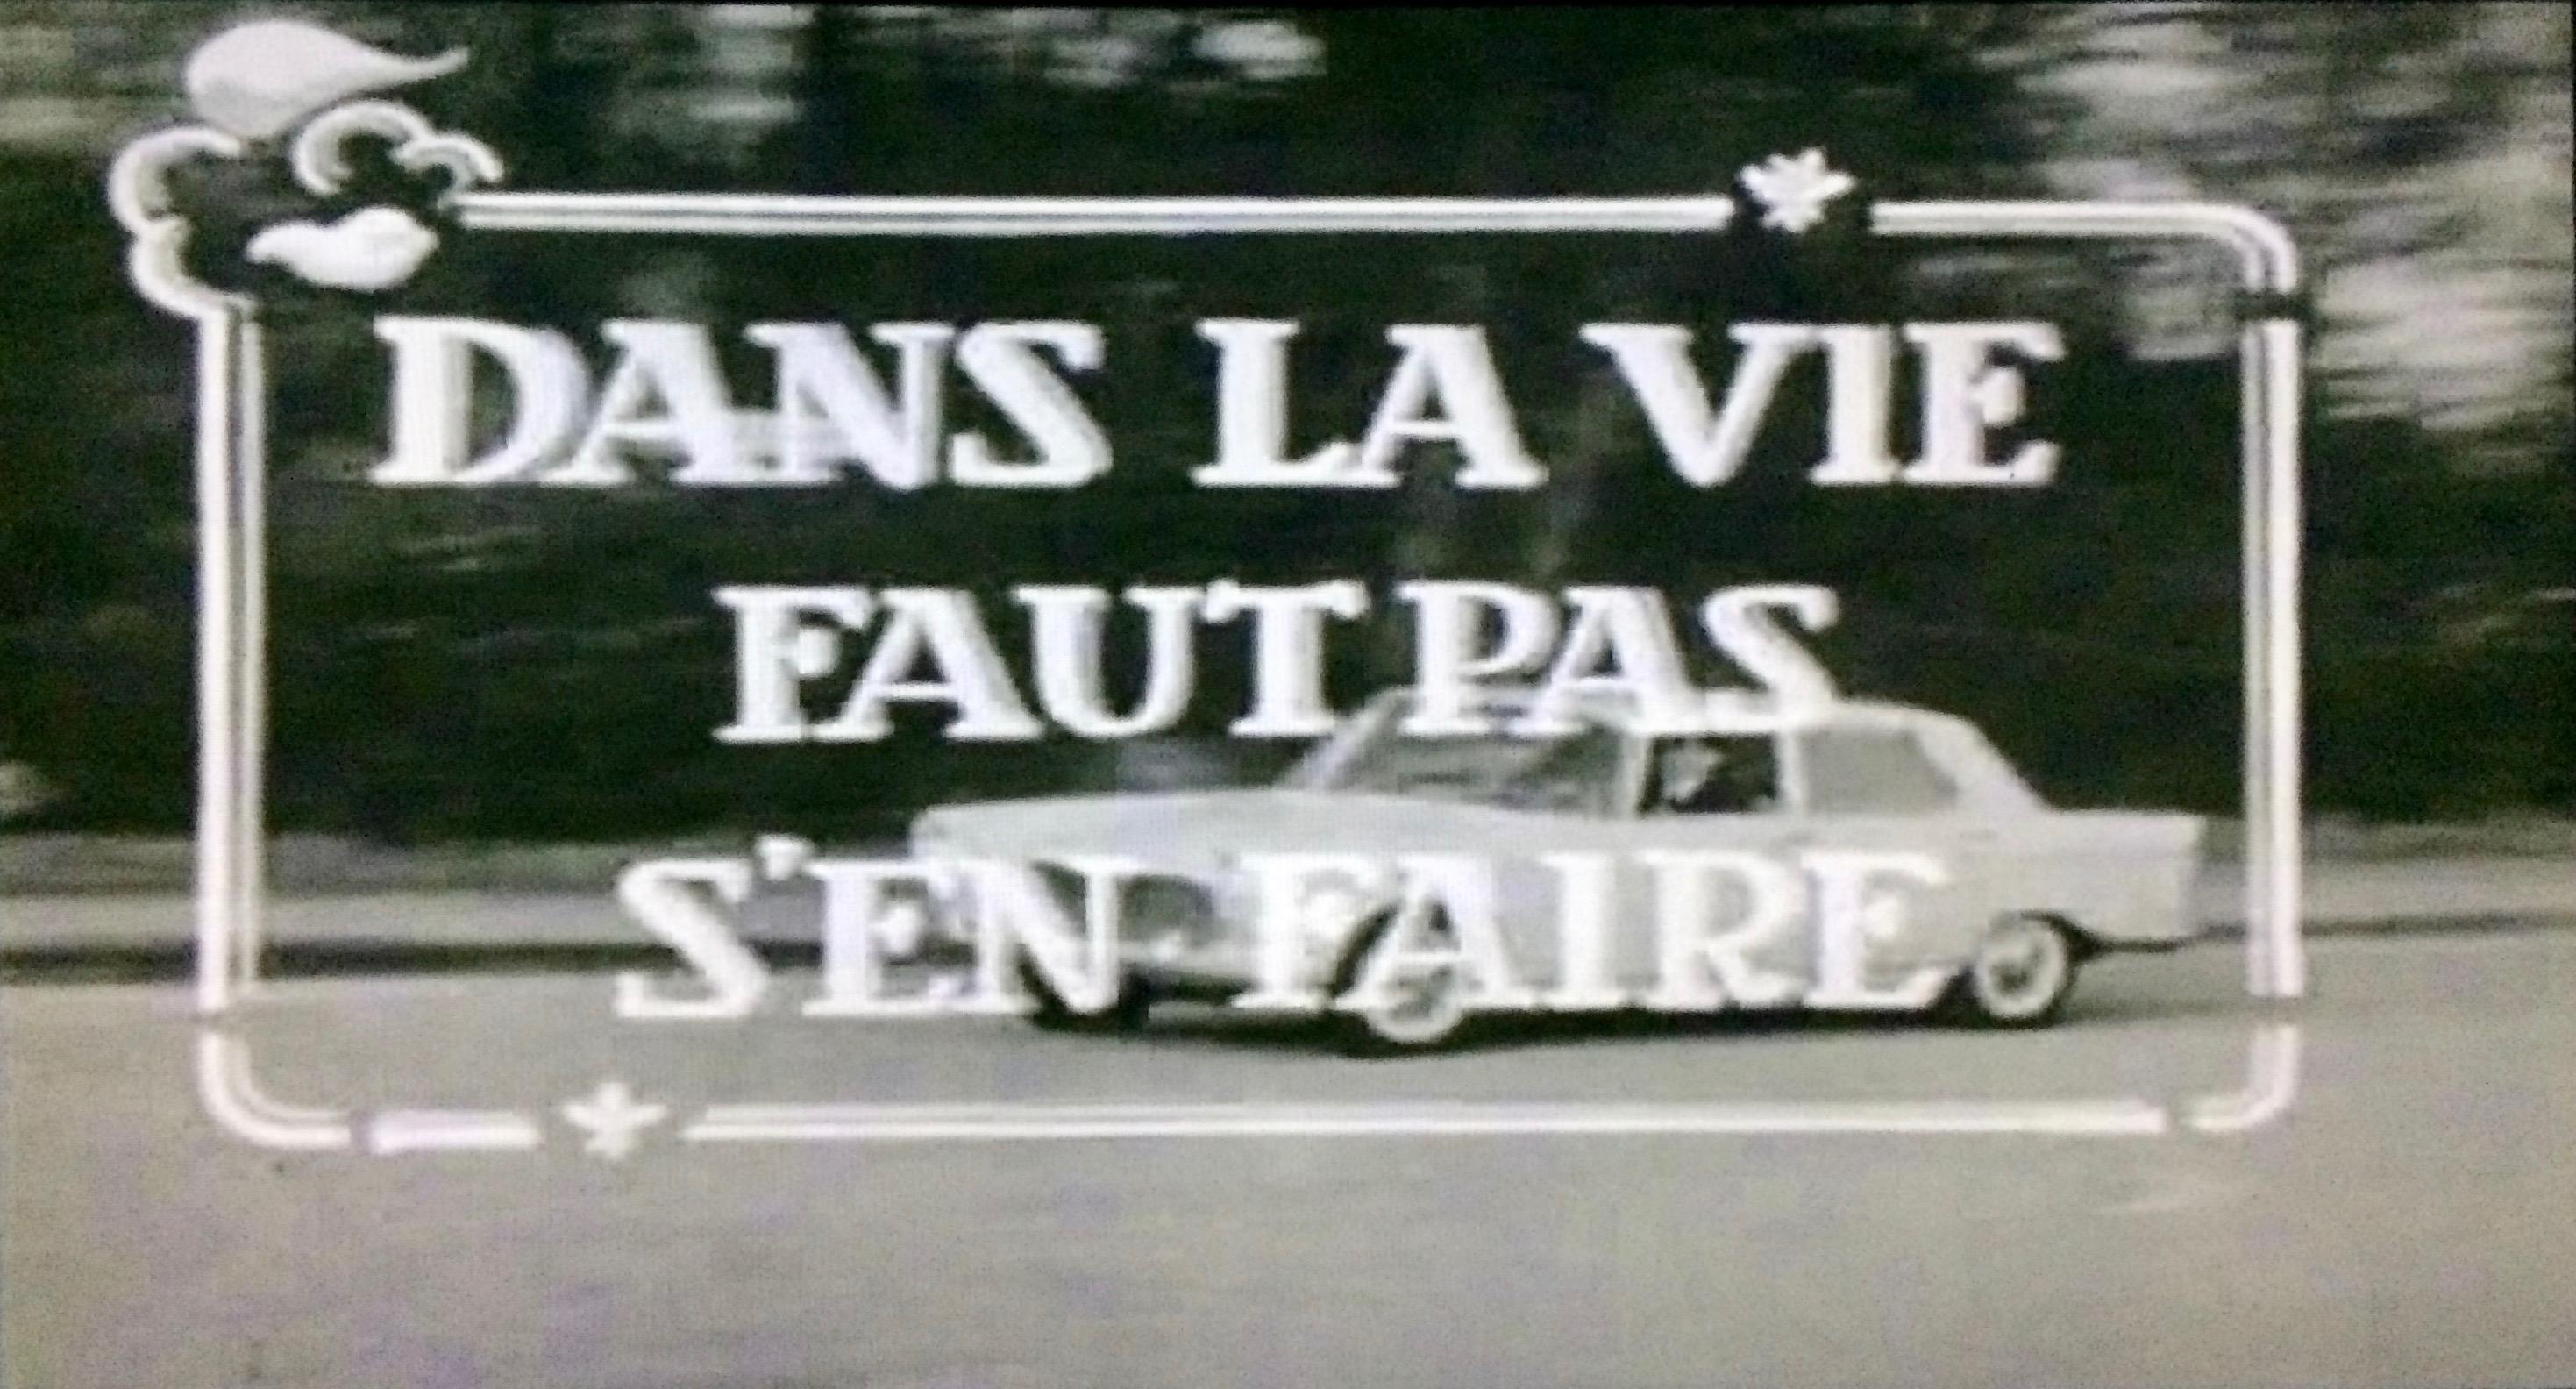 Dans la vie faut pas s'en faire (1962)